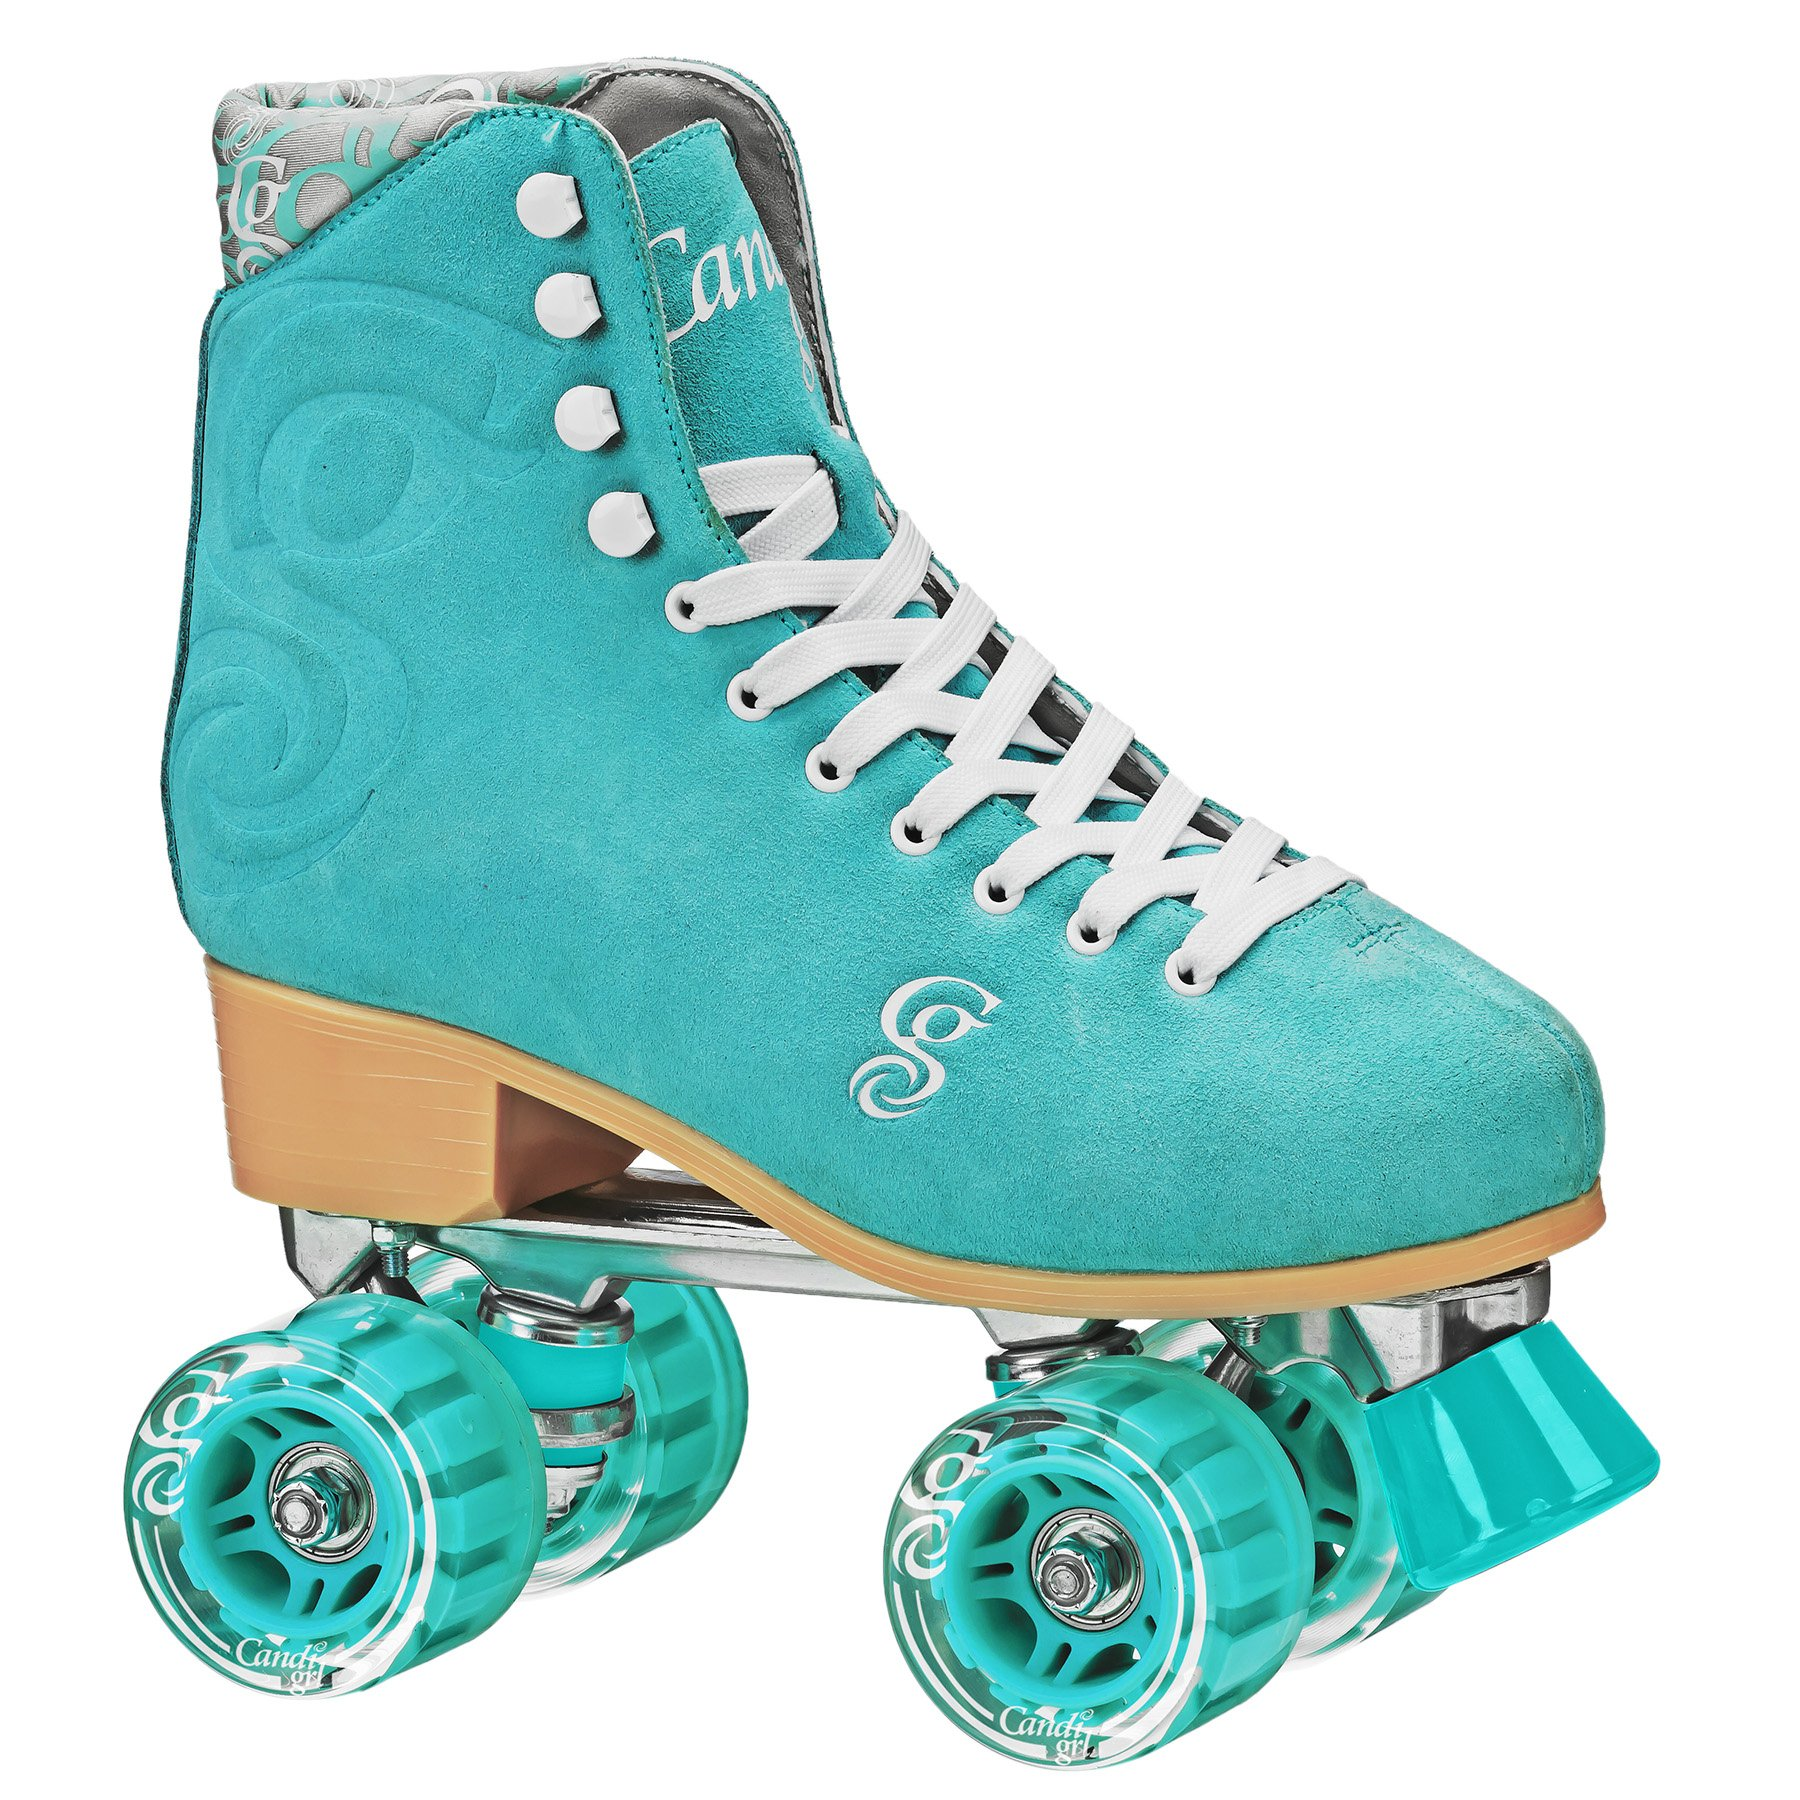 Roller Derby Candi Girl U774 Carlin Quad Artistic Roller Skates Seafoam Ladies sz 7